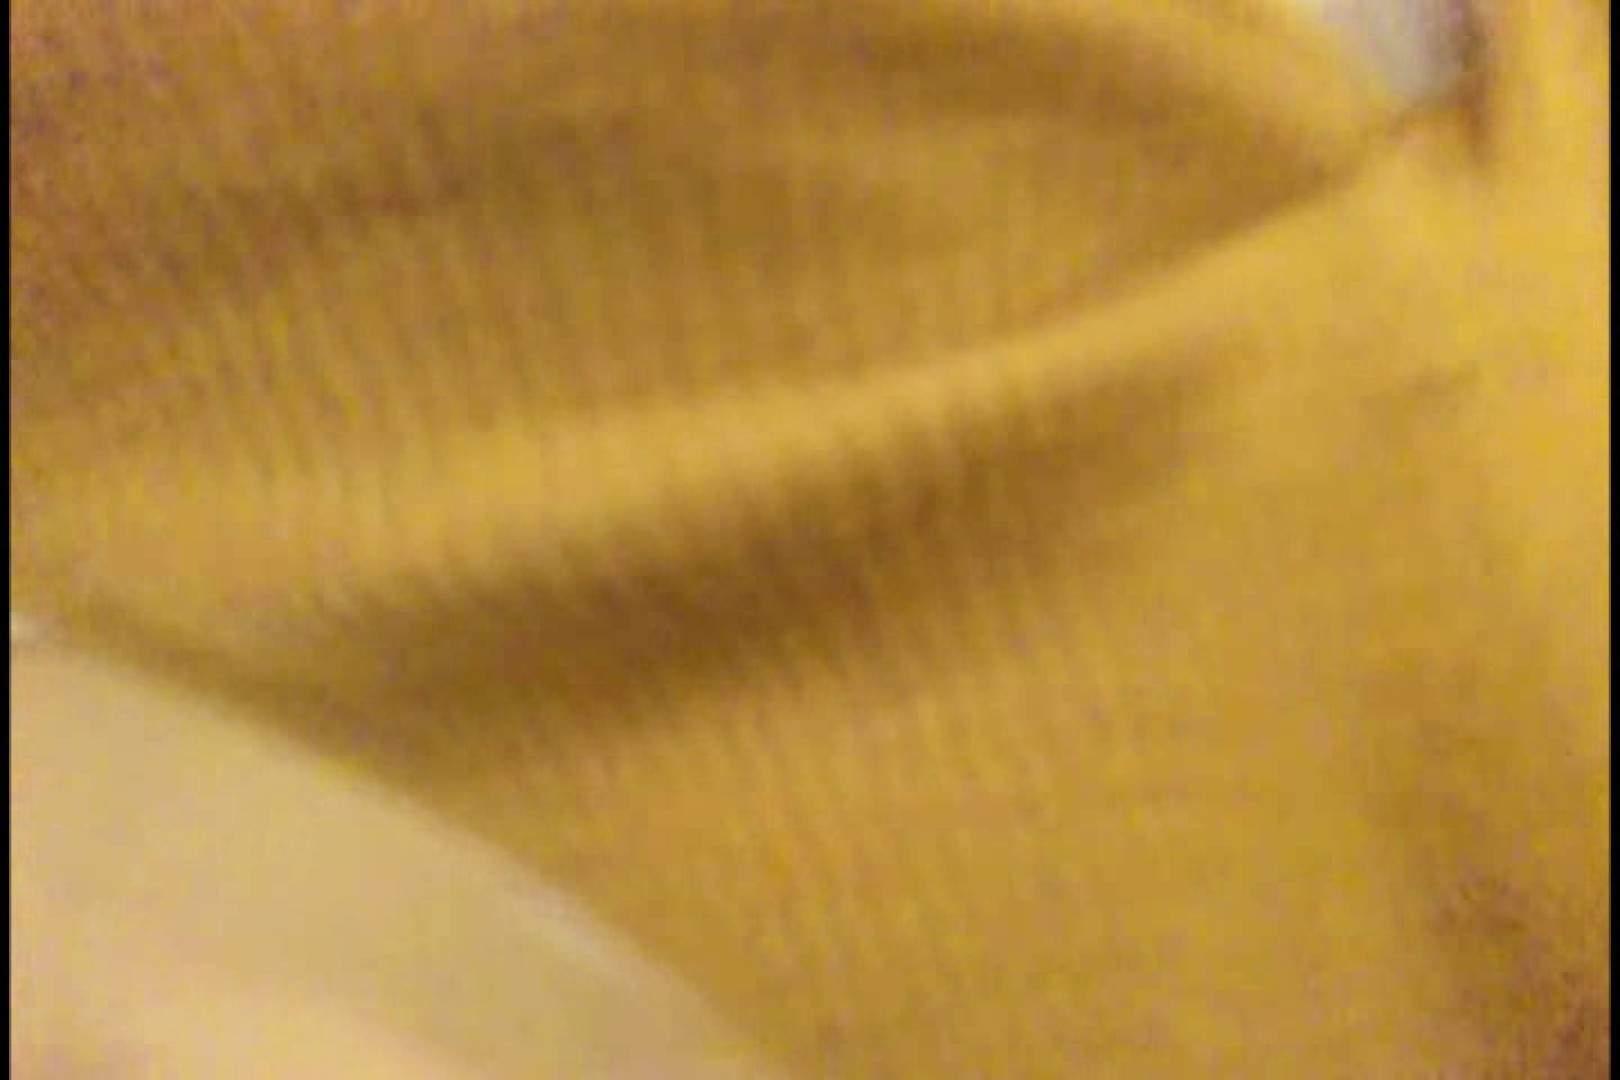 2日間期間限定 闇の花道 Vol.02 影対 ゆか OLの実態  46pic 12